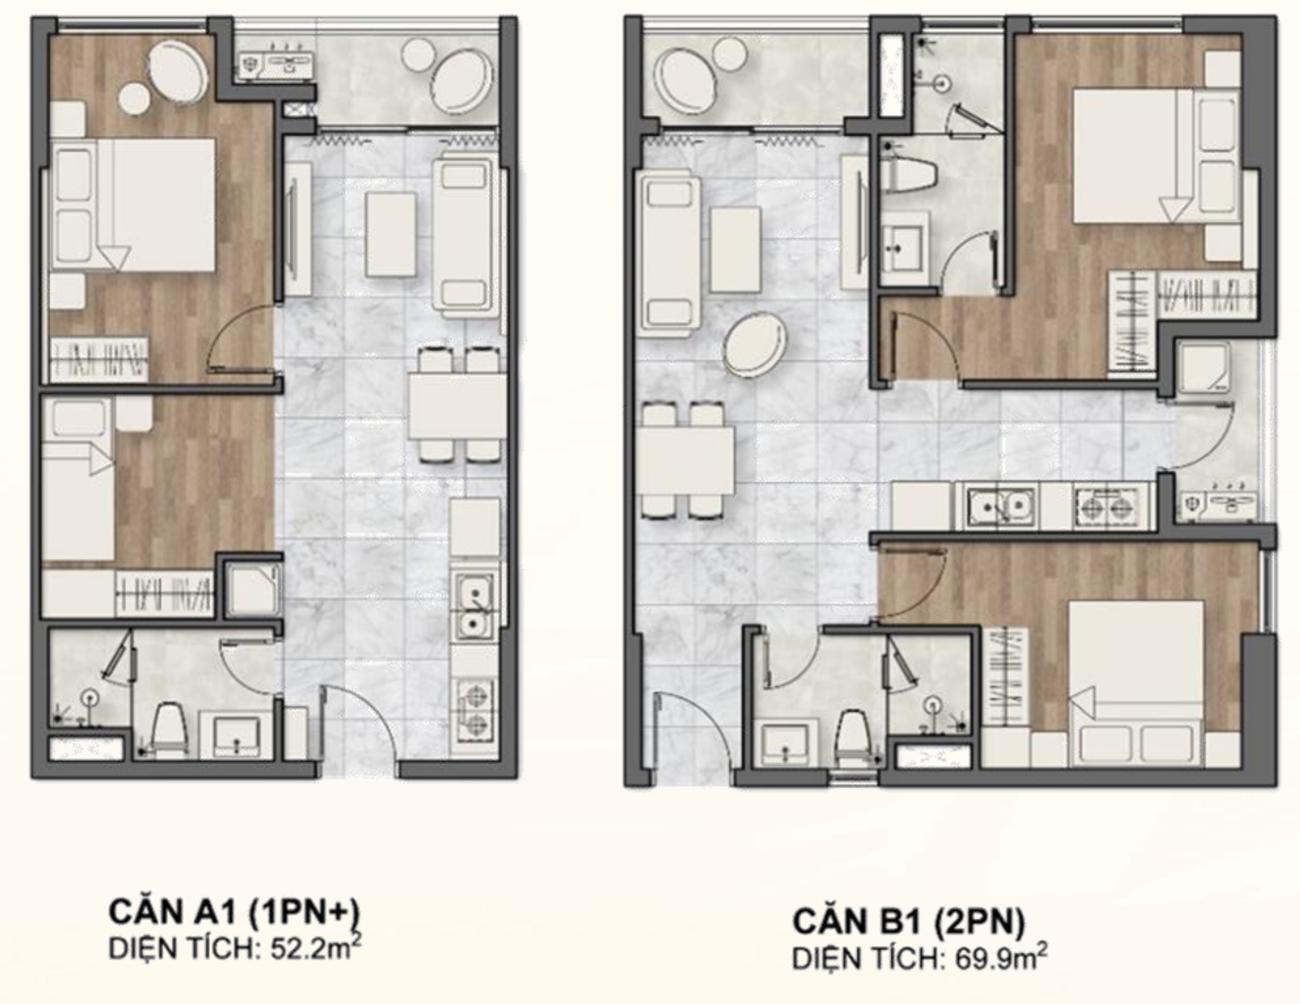 Thiết kế dự án căn hộ chung cư Hồ Tràm Complex Xuyên Mộc Đường Ven Biển chủ đầu tư Hưng Thịnh